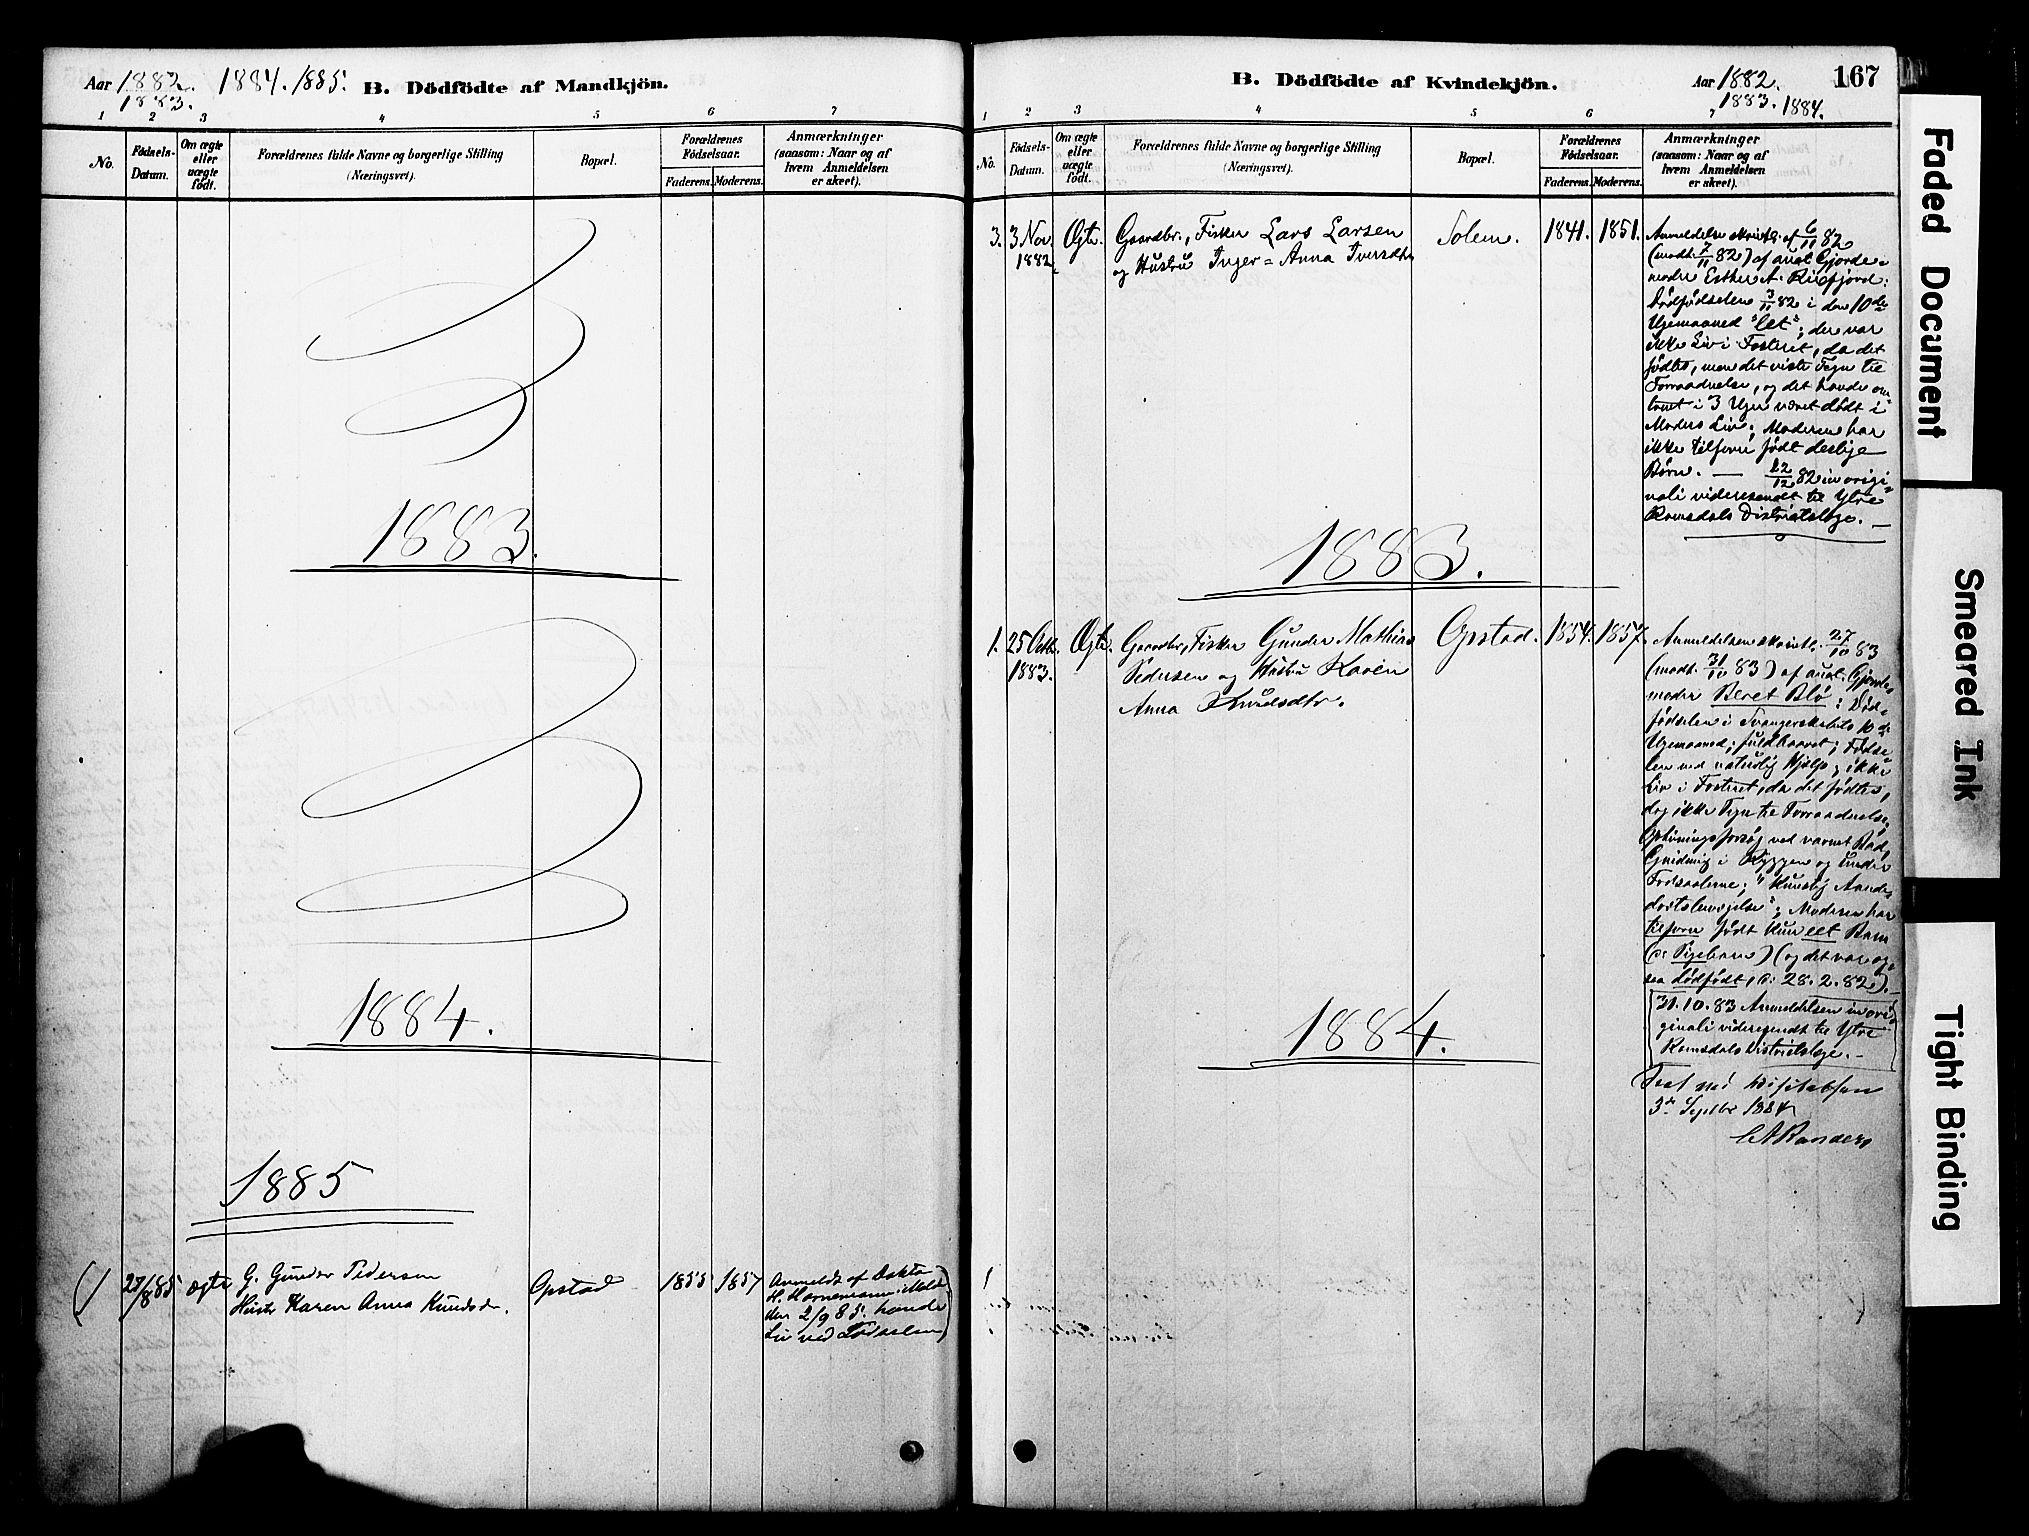 SAT, Ministerialprotokoller, klokkerbøker og fødselsregistre - Møre og Romsdal, 560/L0721: Ministerialbok nr. 560A05, 1878-1917, s. 167